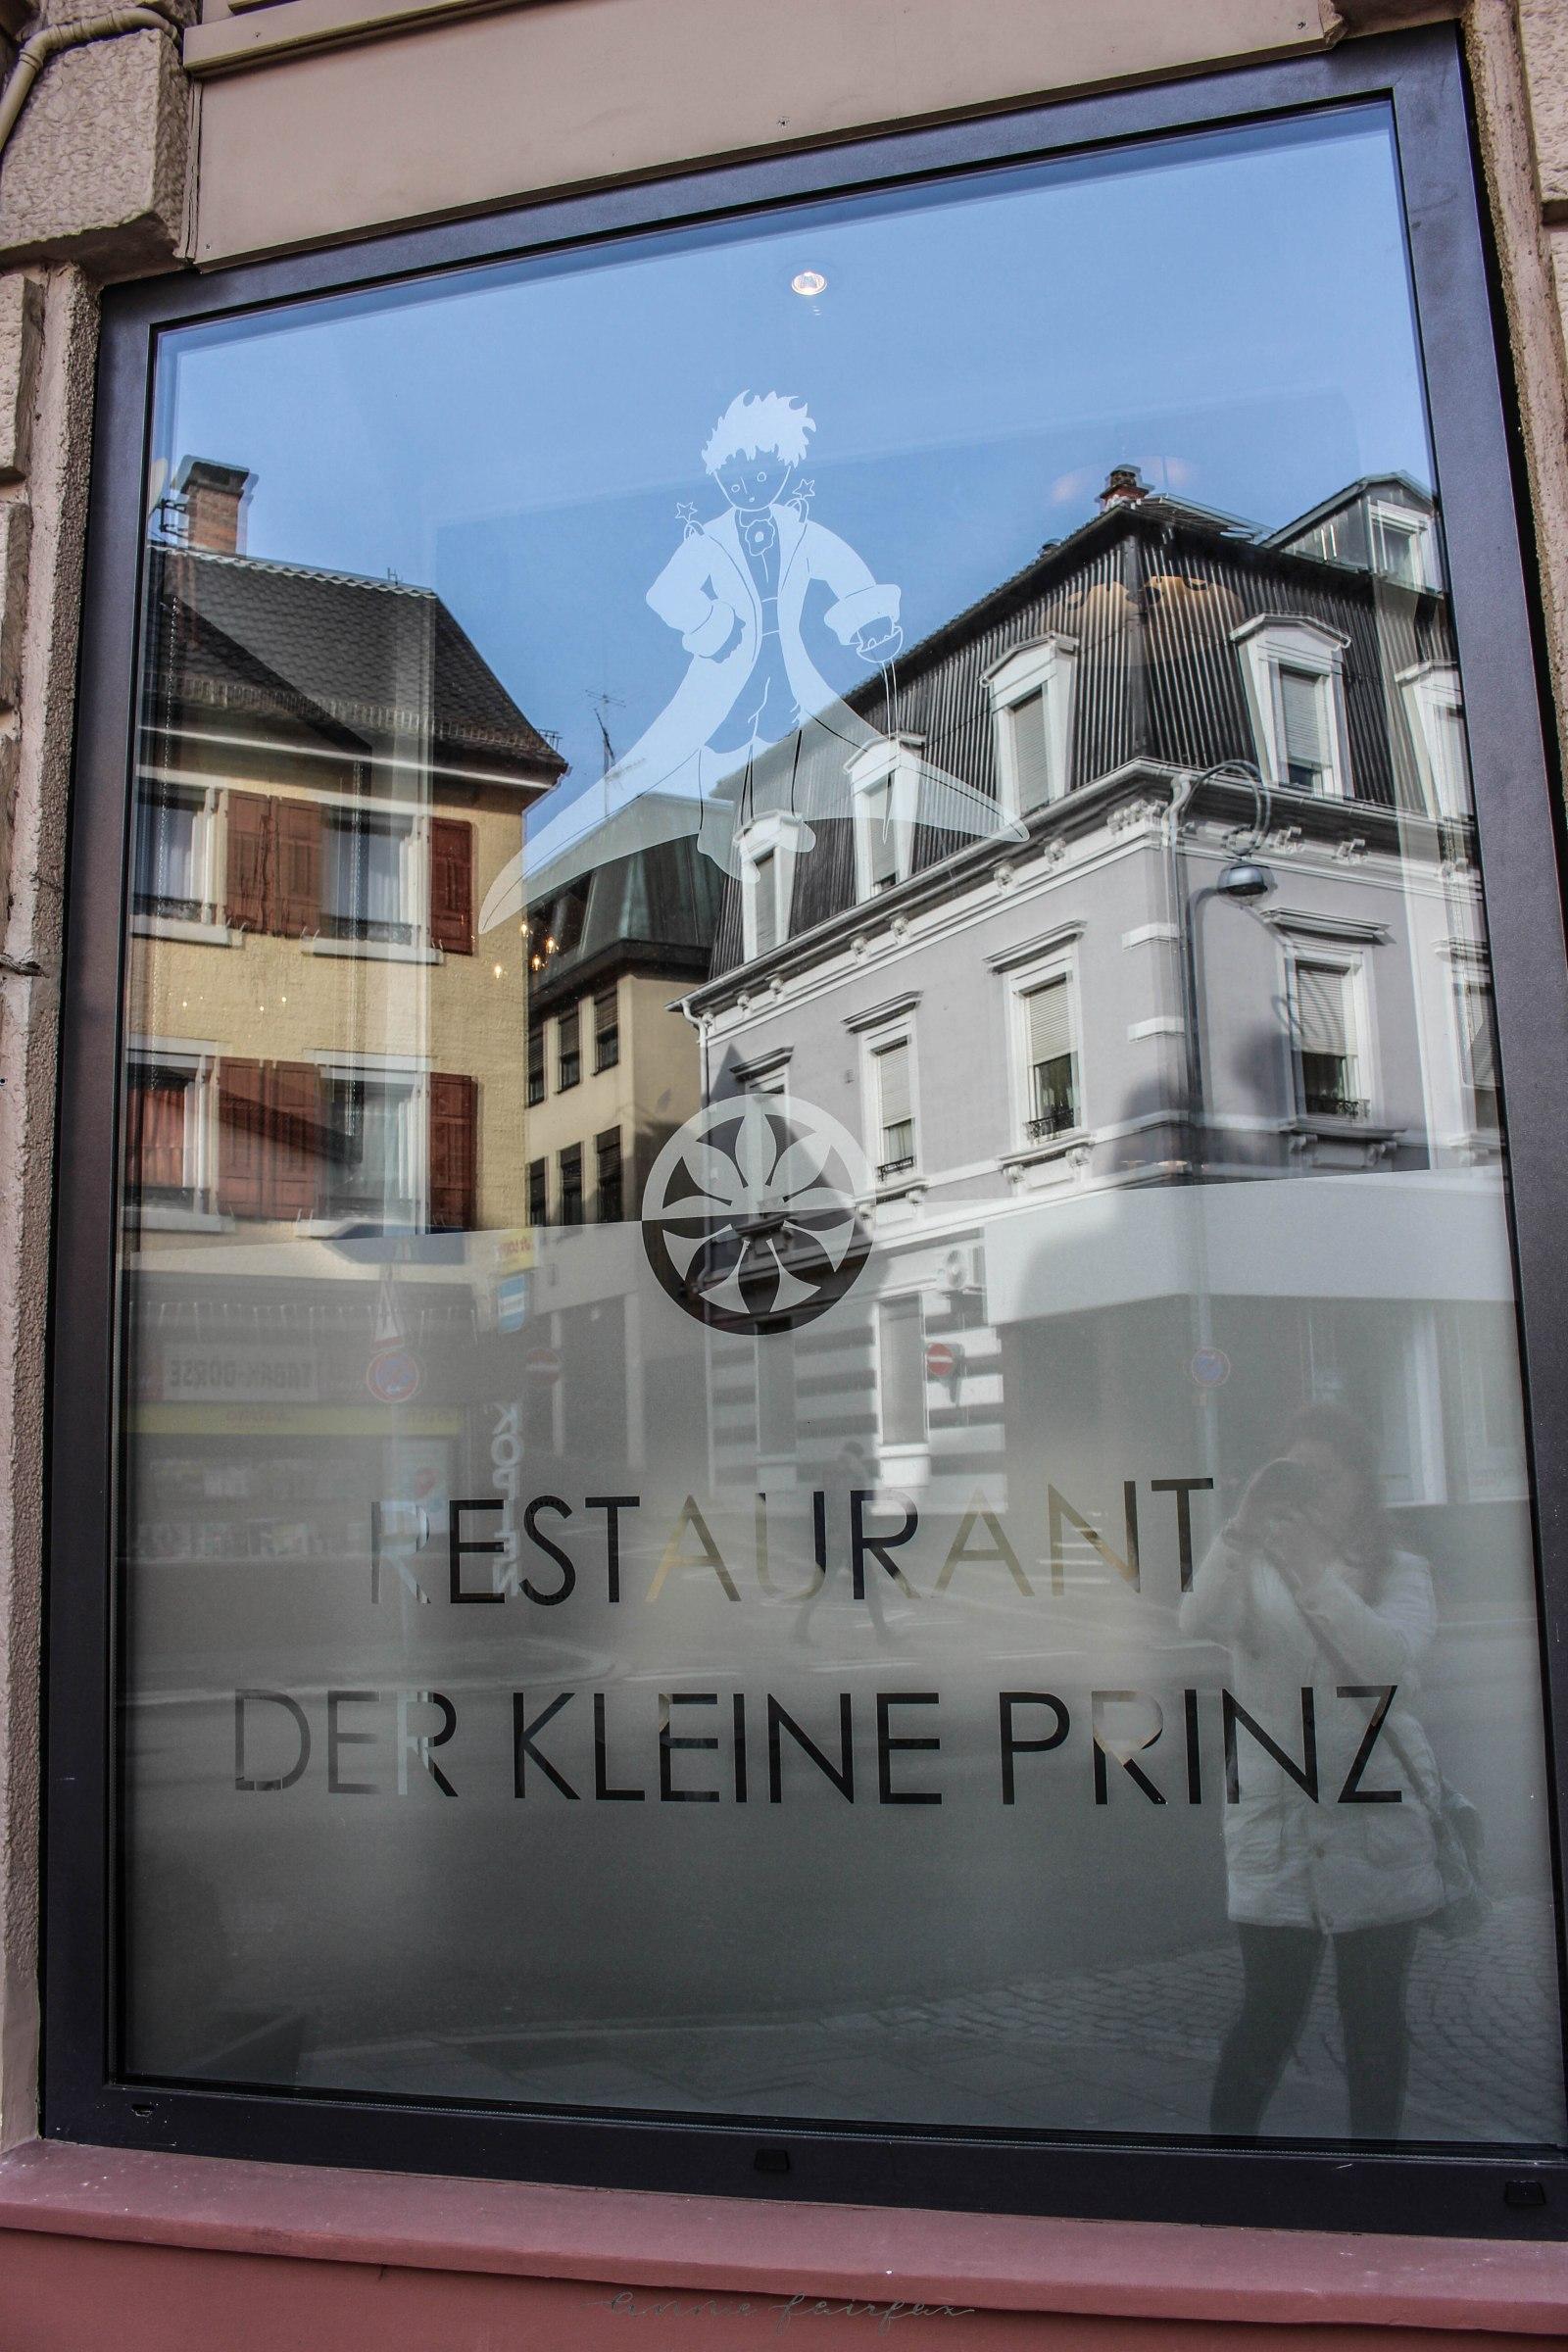 Luxury Hotels of the Word: Der Kleine Prinz Baden-Baden, Germany